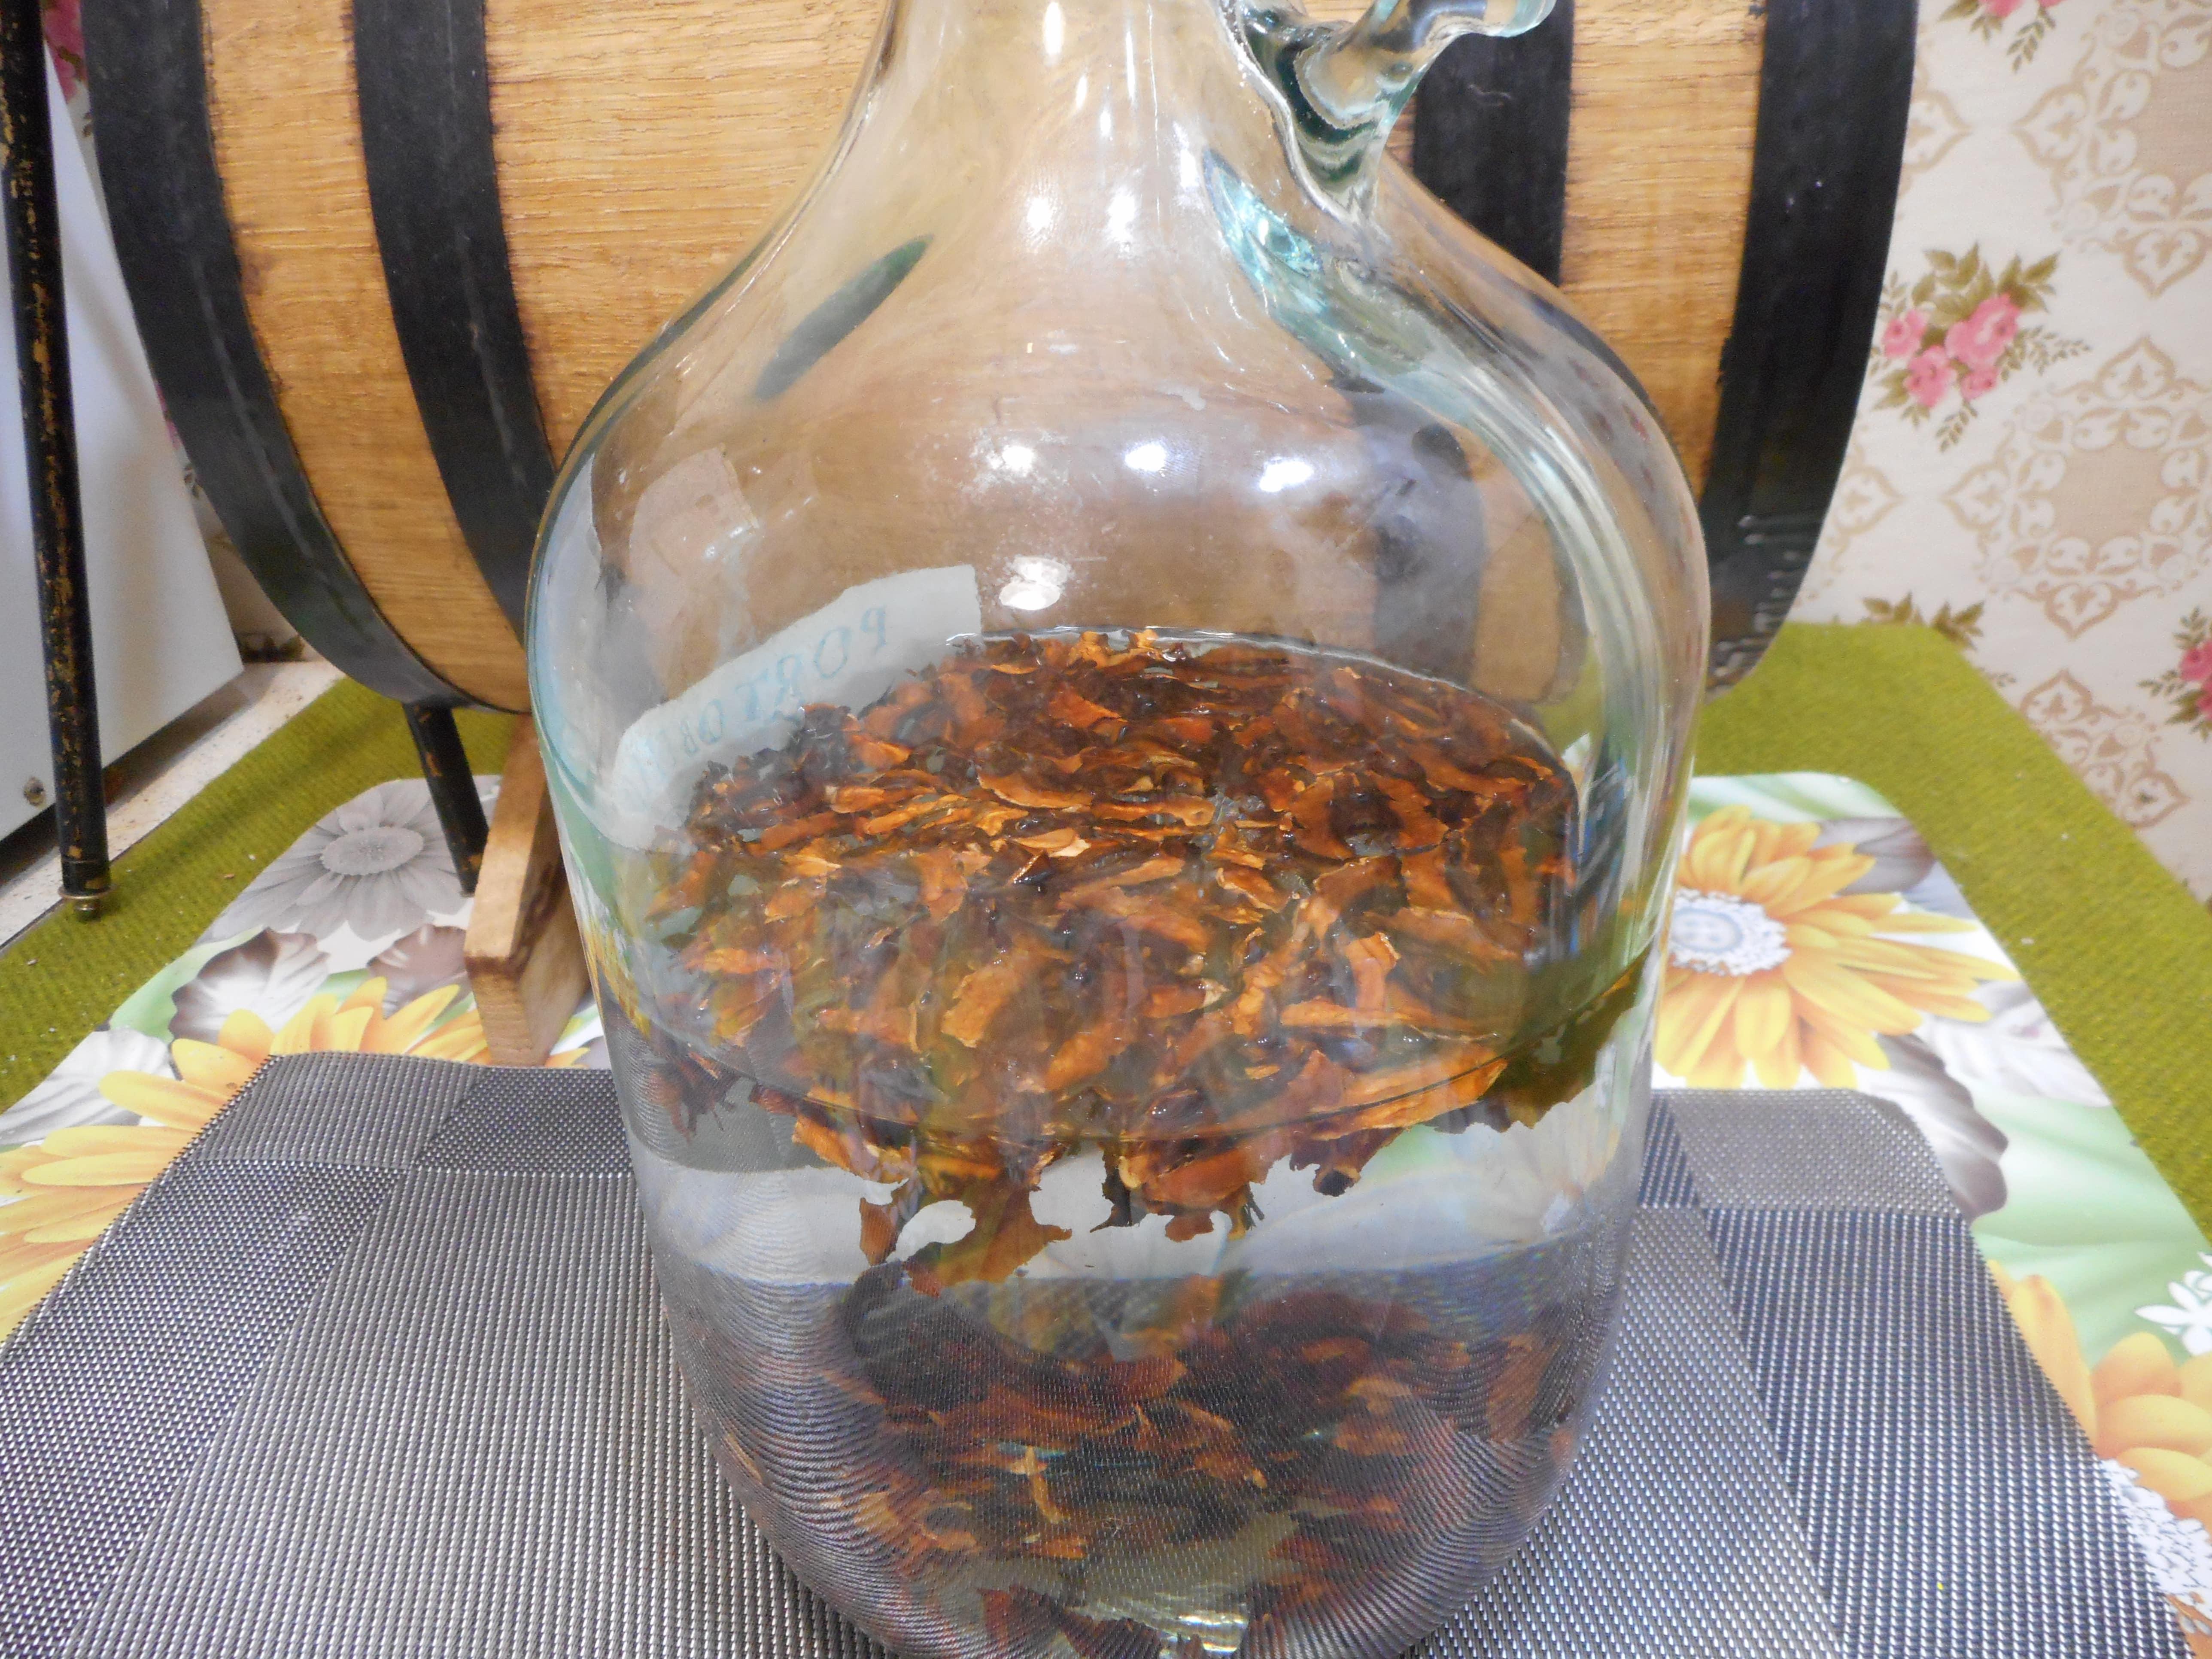 Способы приготовления настойки грецкого ореха - рецепты средств на водке, самогоне и т.д. для применения при различных проблемах